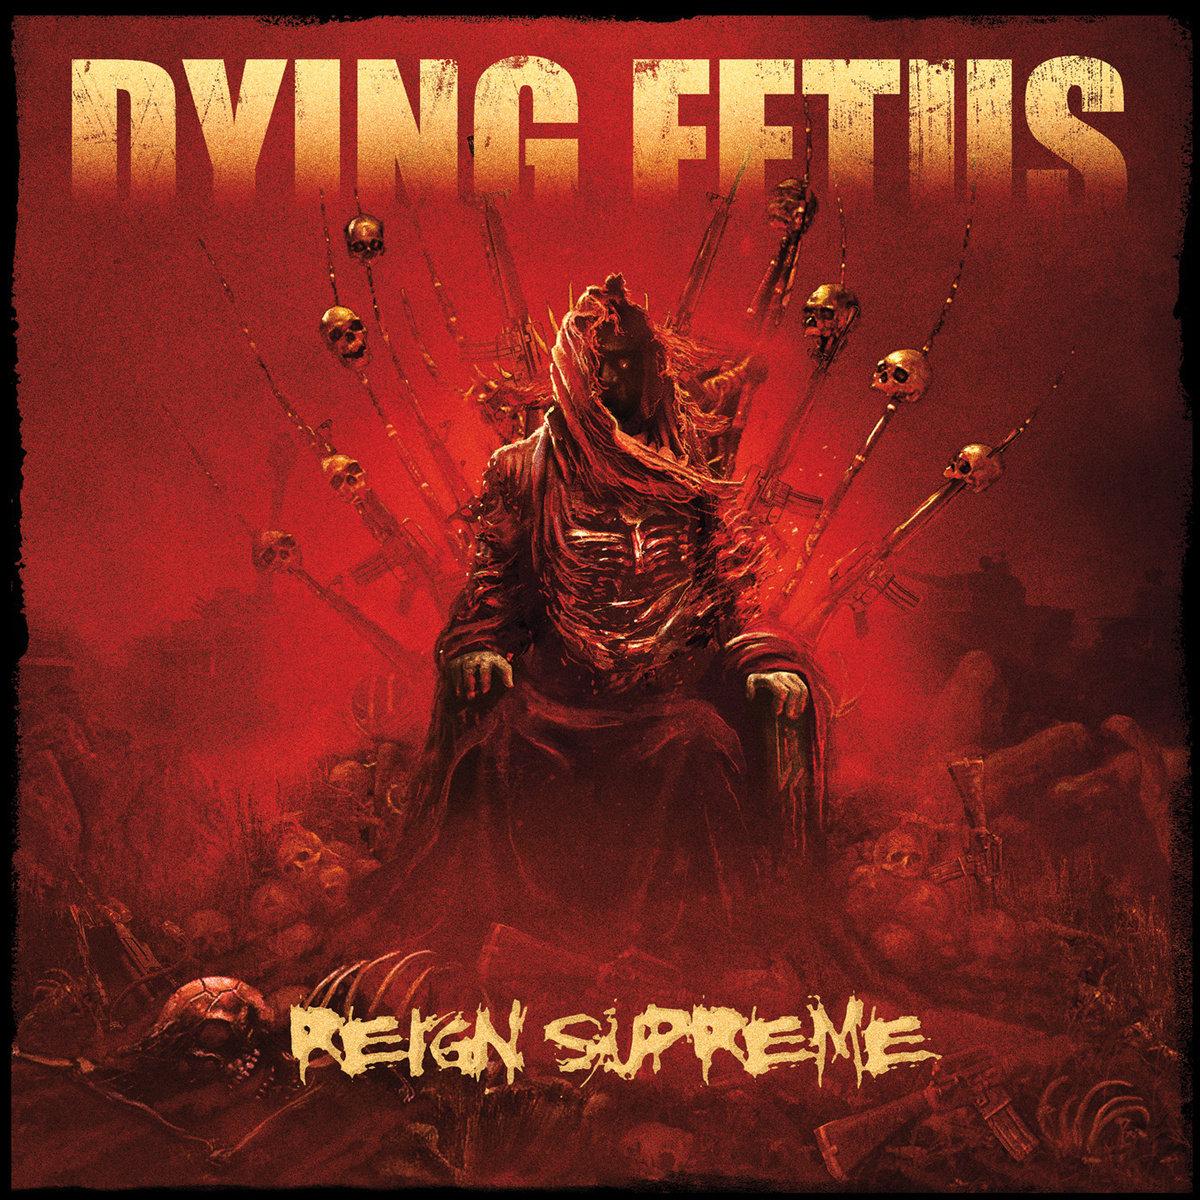 Aborted Fetus Band